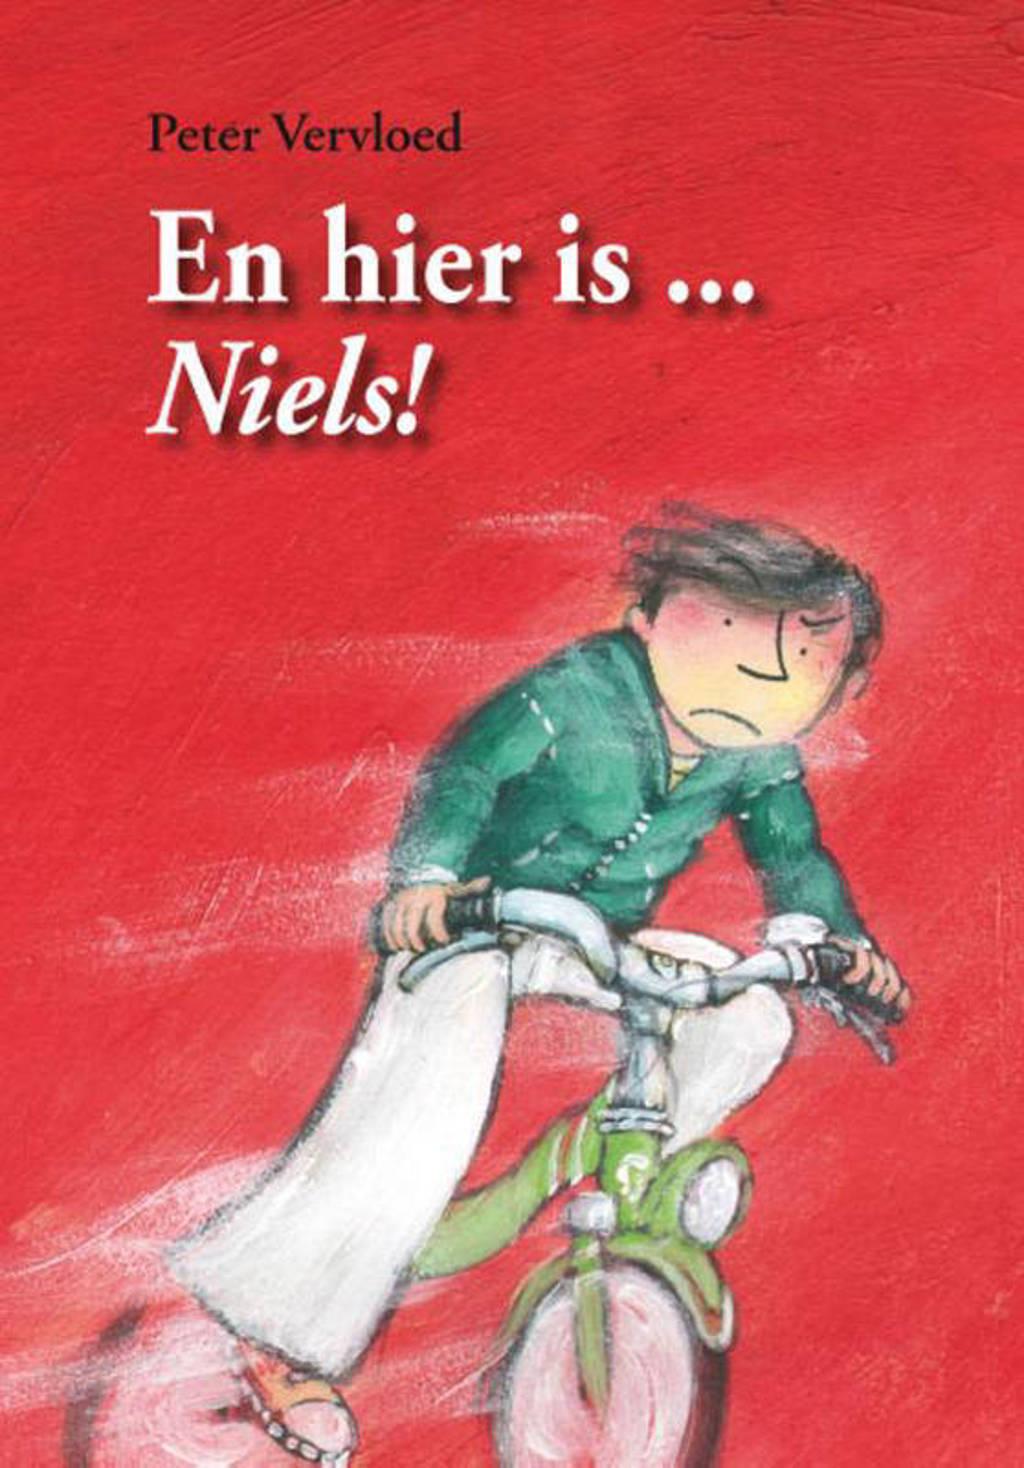 En hier is Niels! - Peter Vervloed